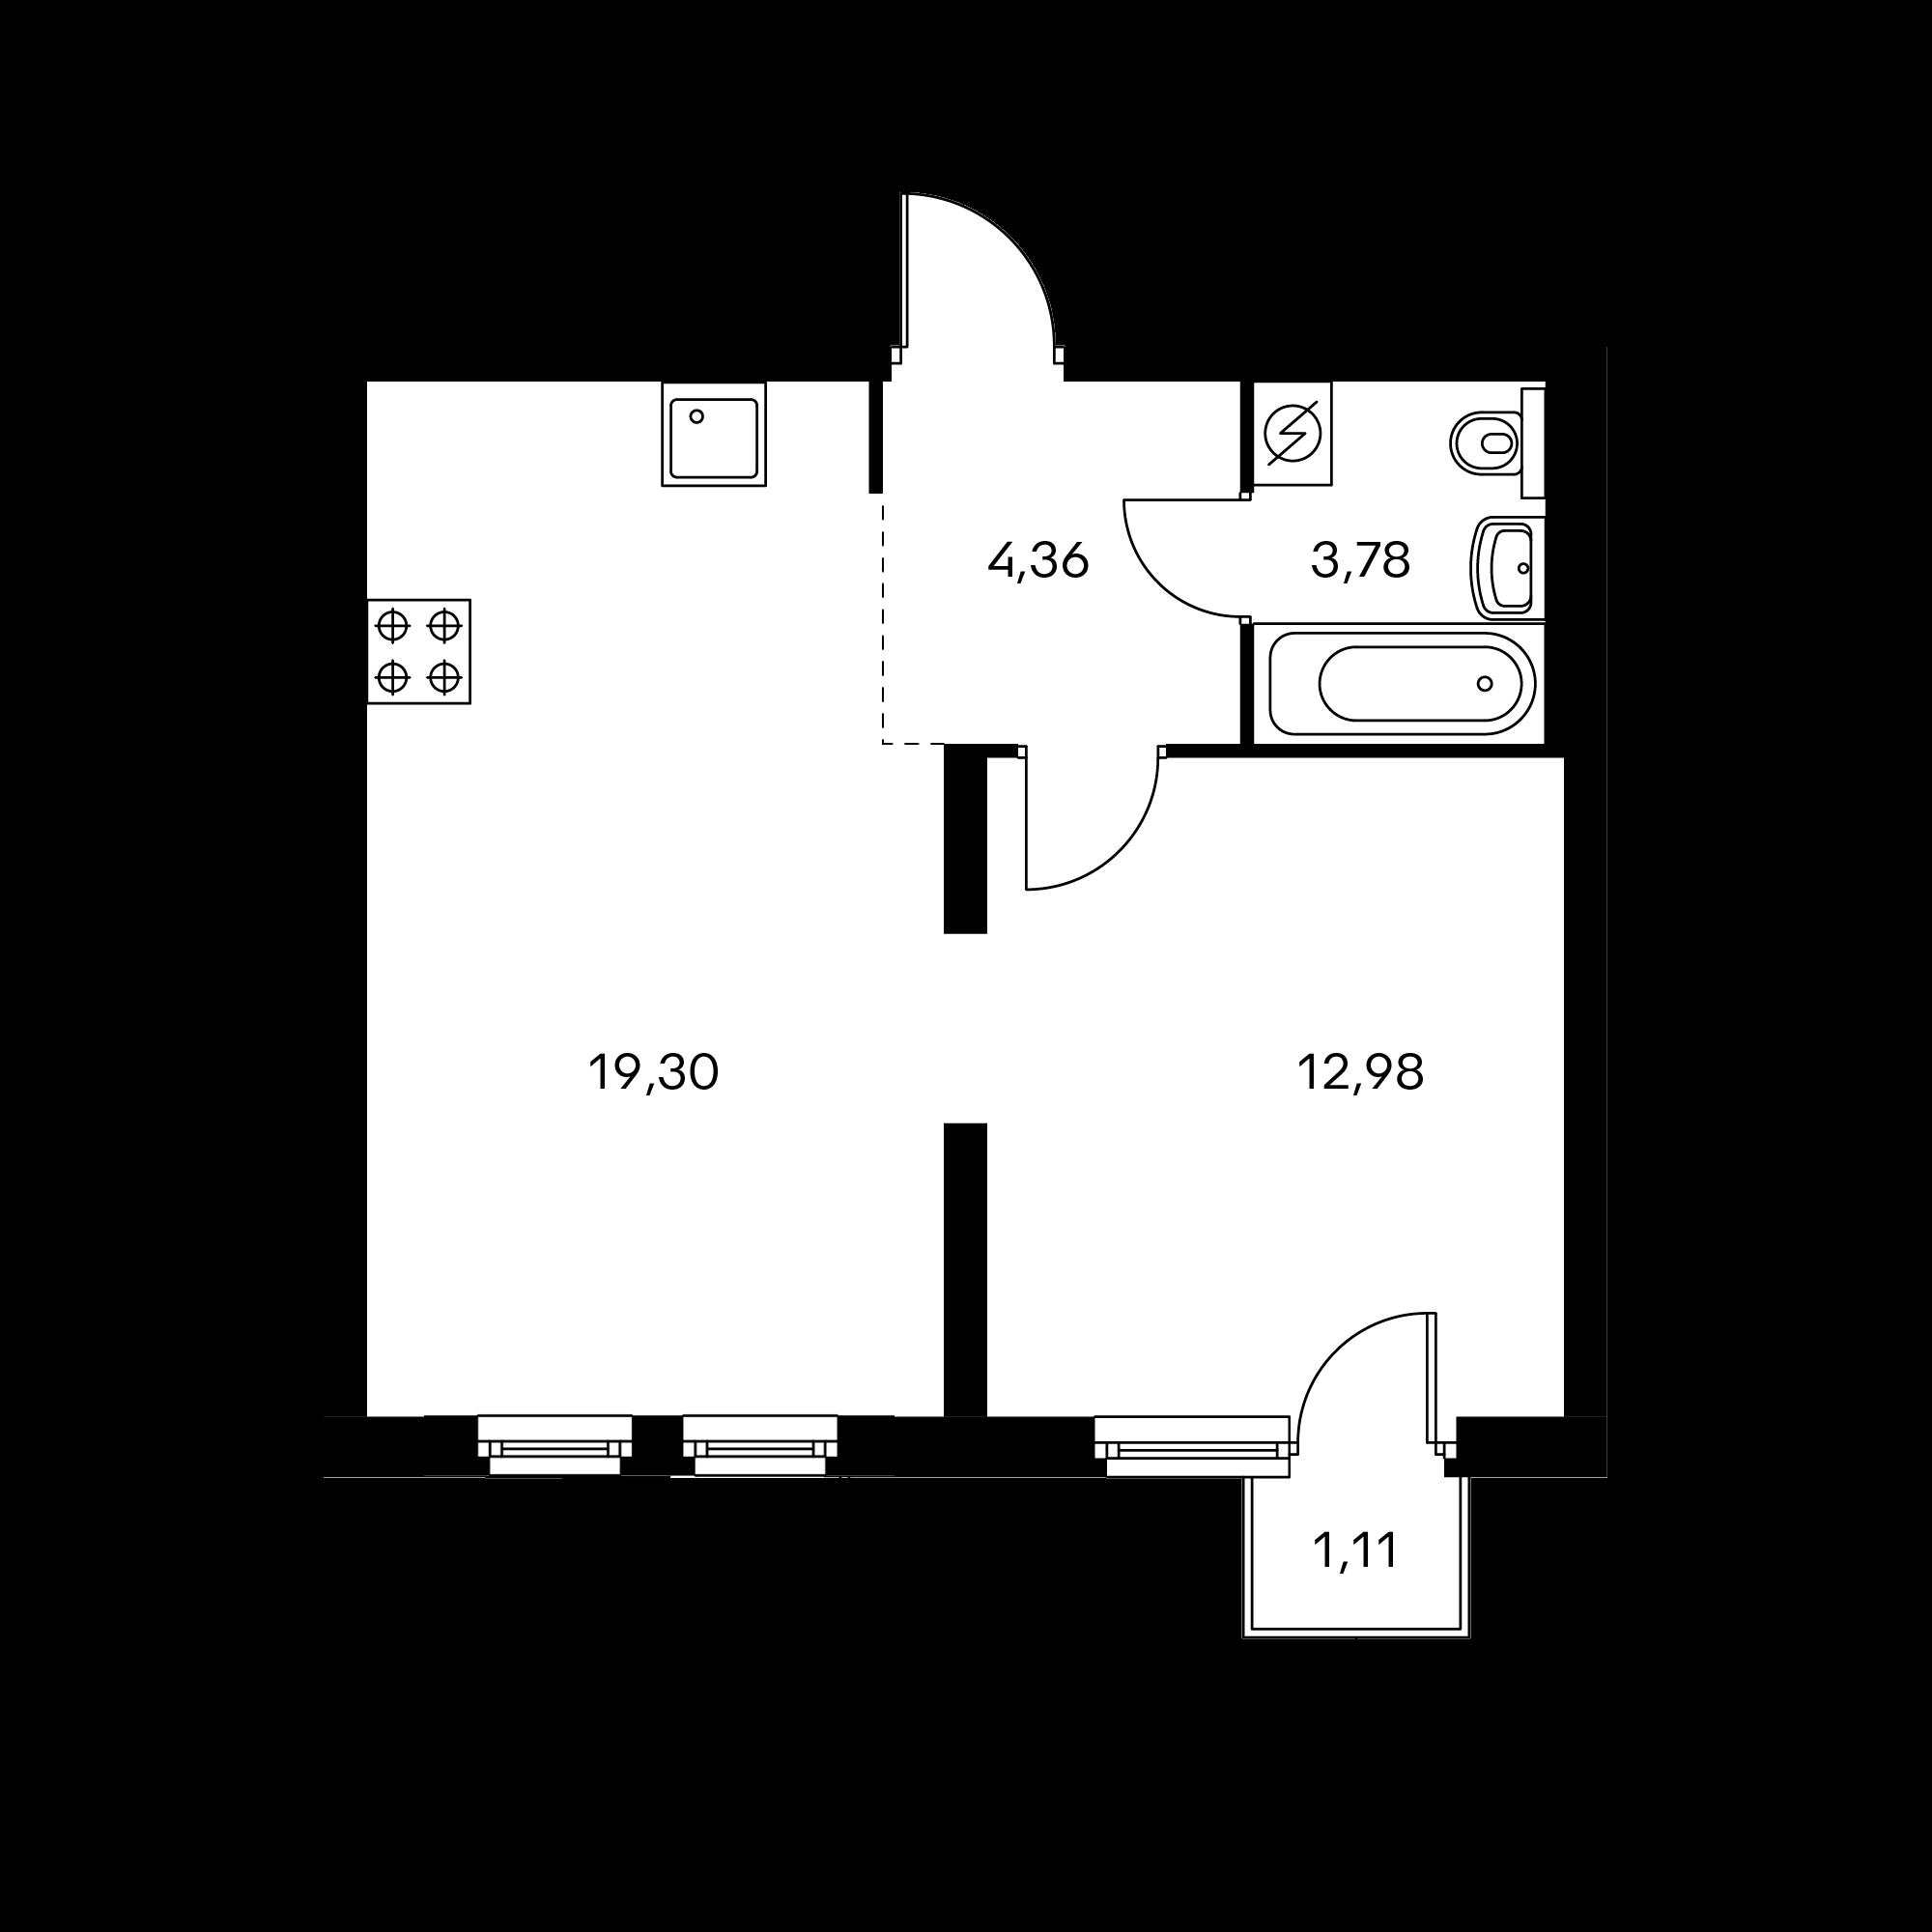 1L2R_1B